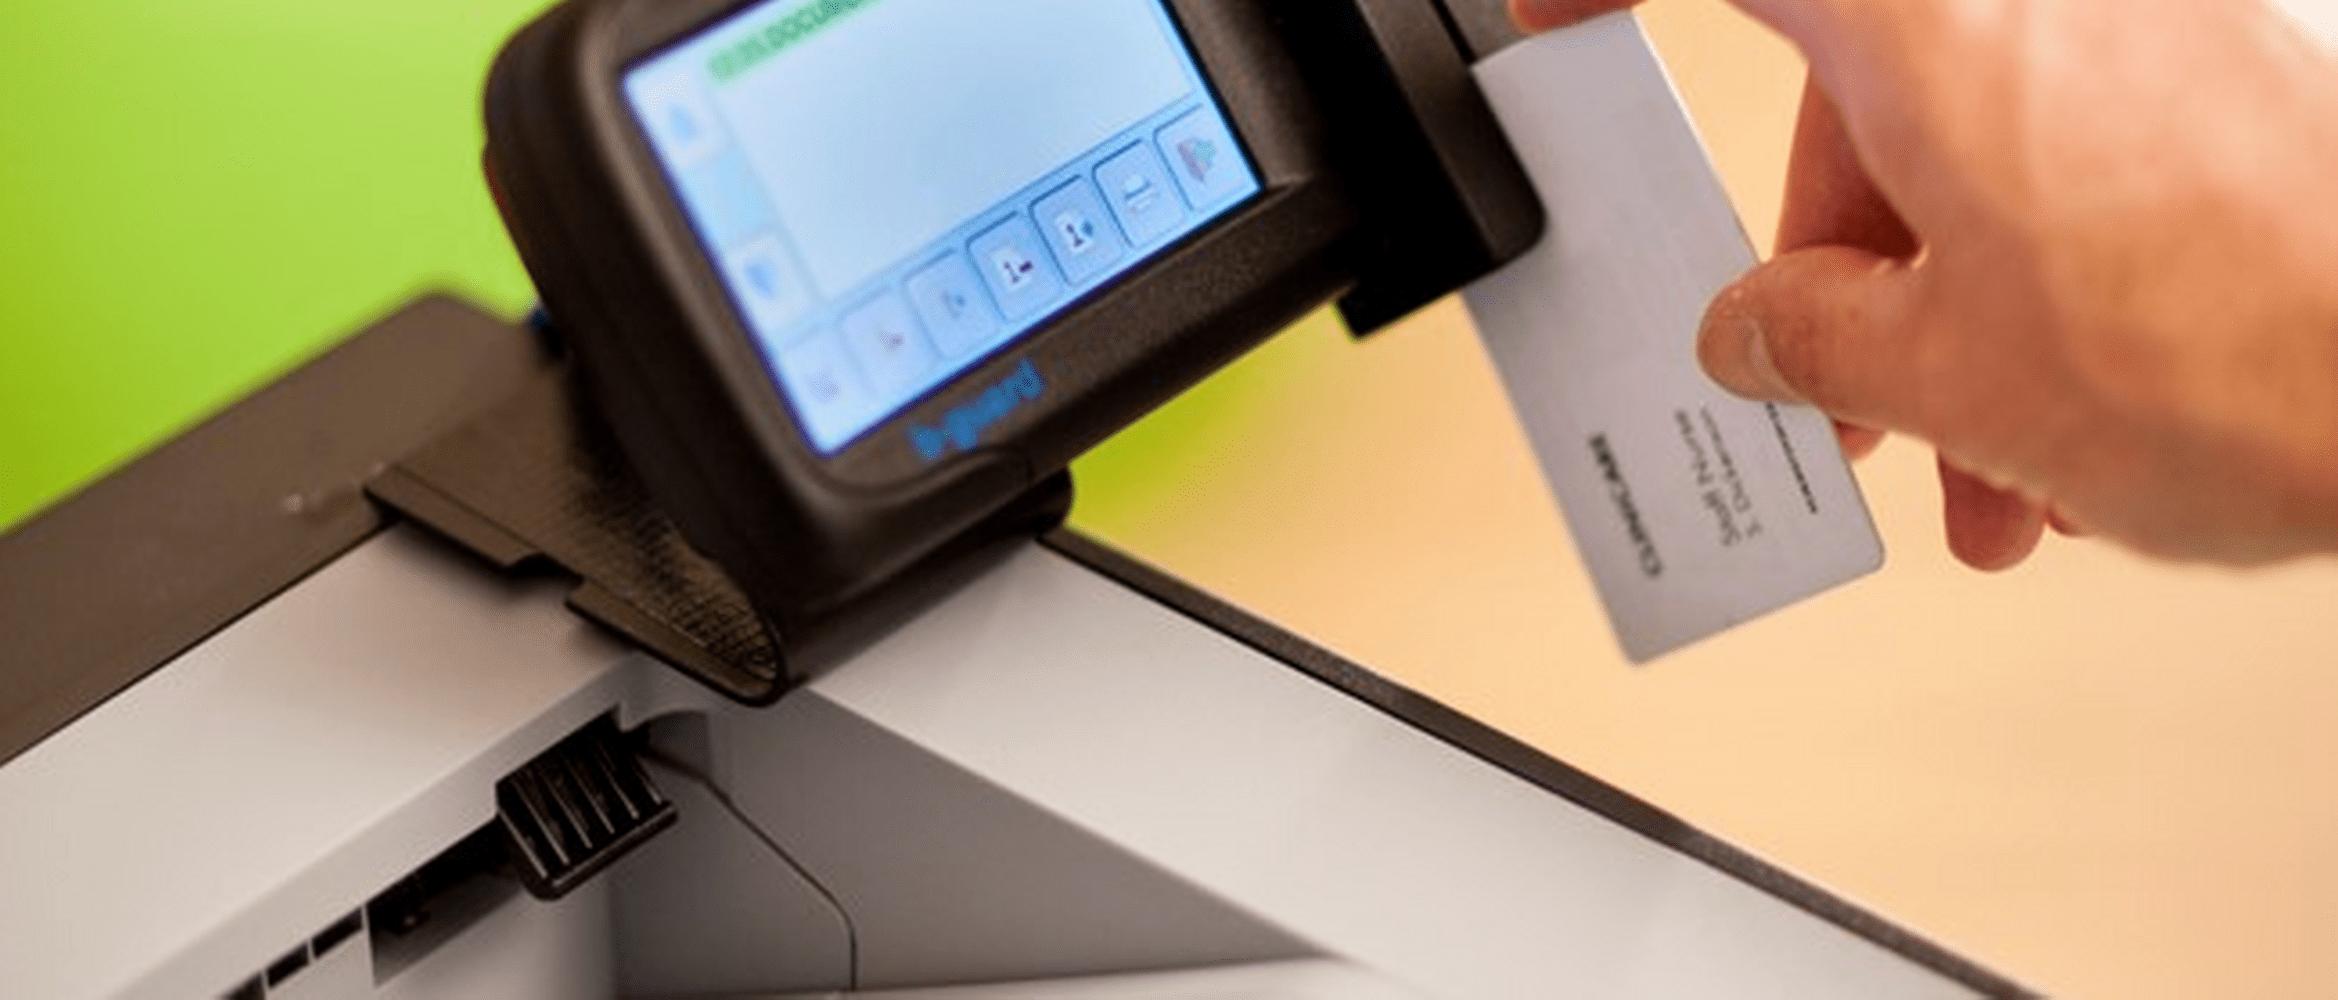 laserskrivare för kontoret med bguard ID-kortläsare säkerhets lösning för printer